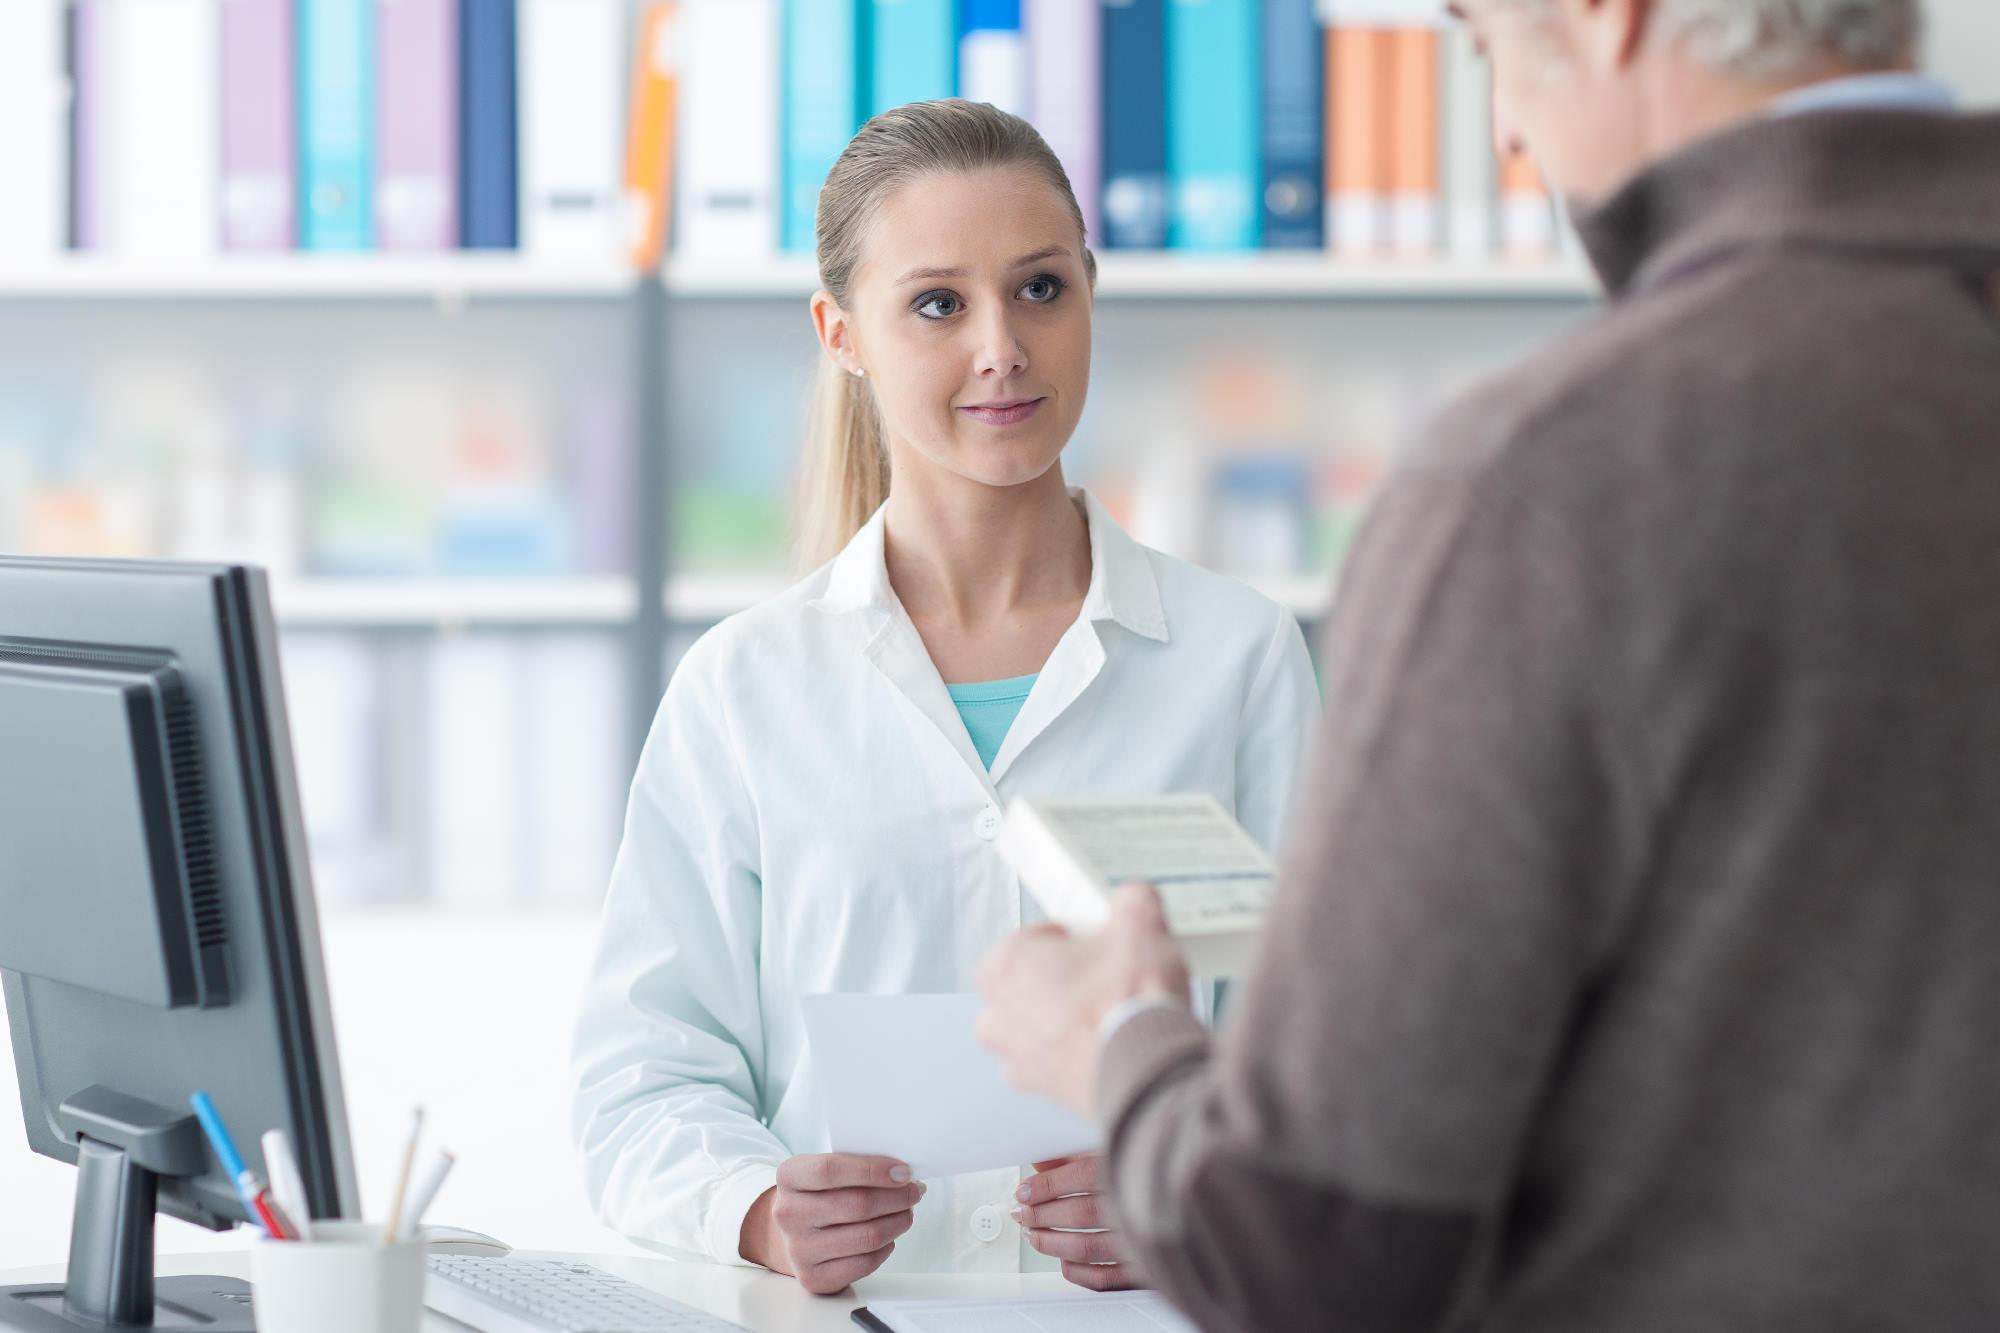 Wyroby medyczne z refundacją i bez refundacji bez wychodzenia z domu – gdzie i jak zamówić przez internet?